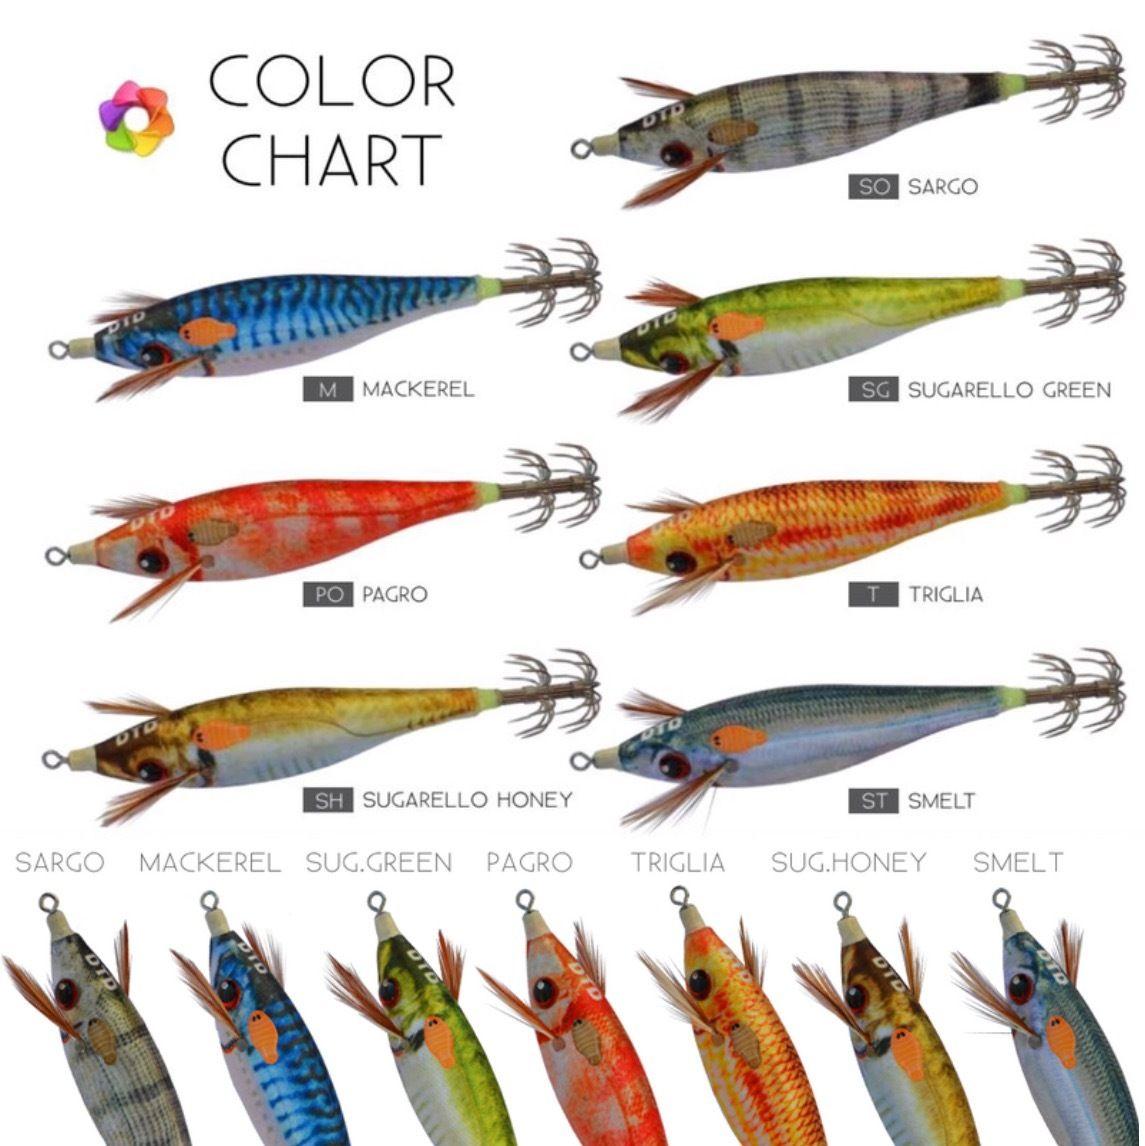 DTD HI QUALITY SQUID JIG REAL FISH BUKVA 2.5